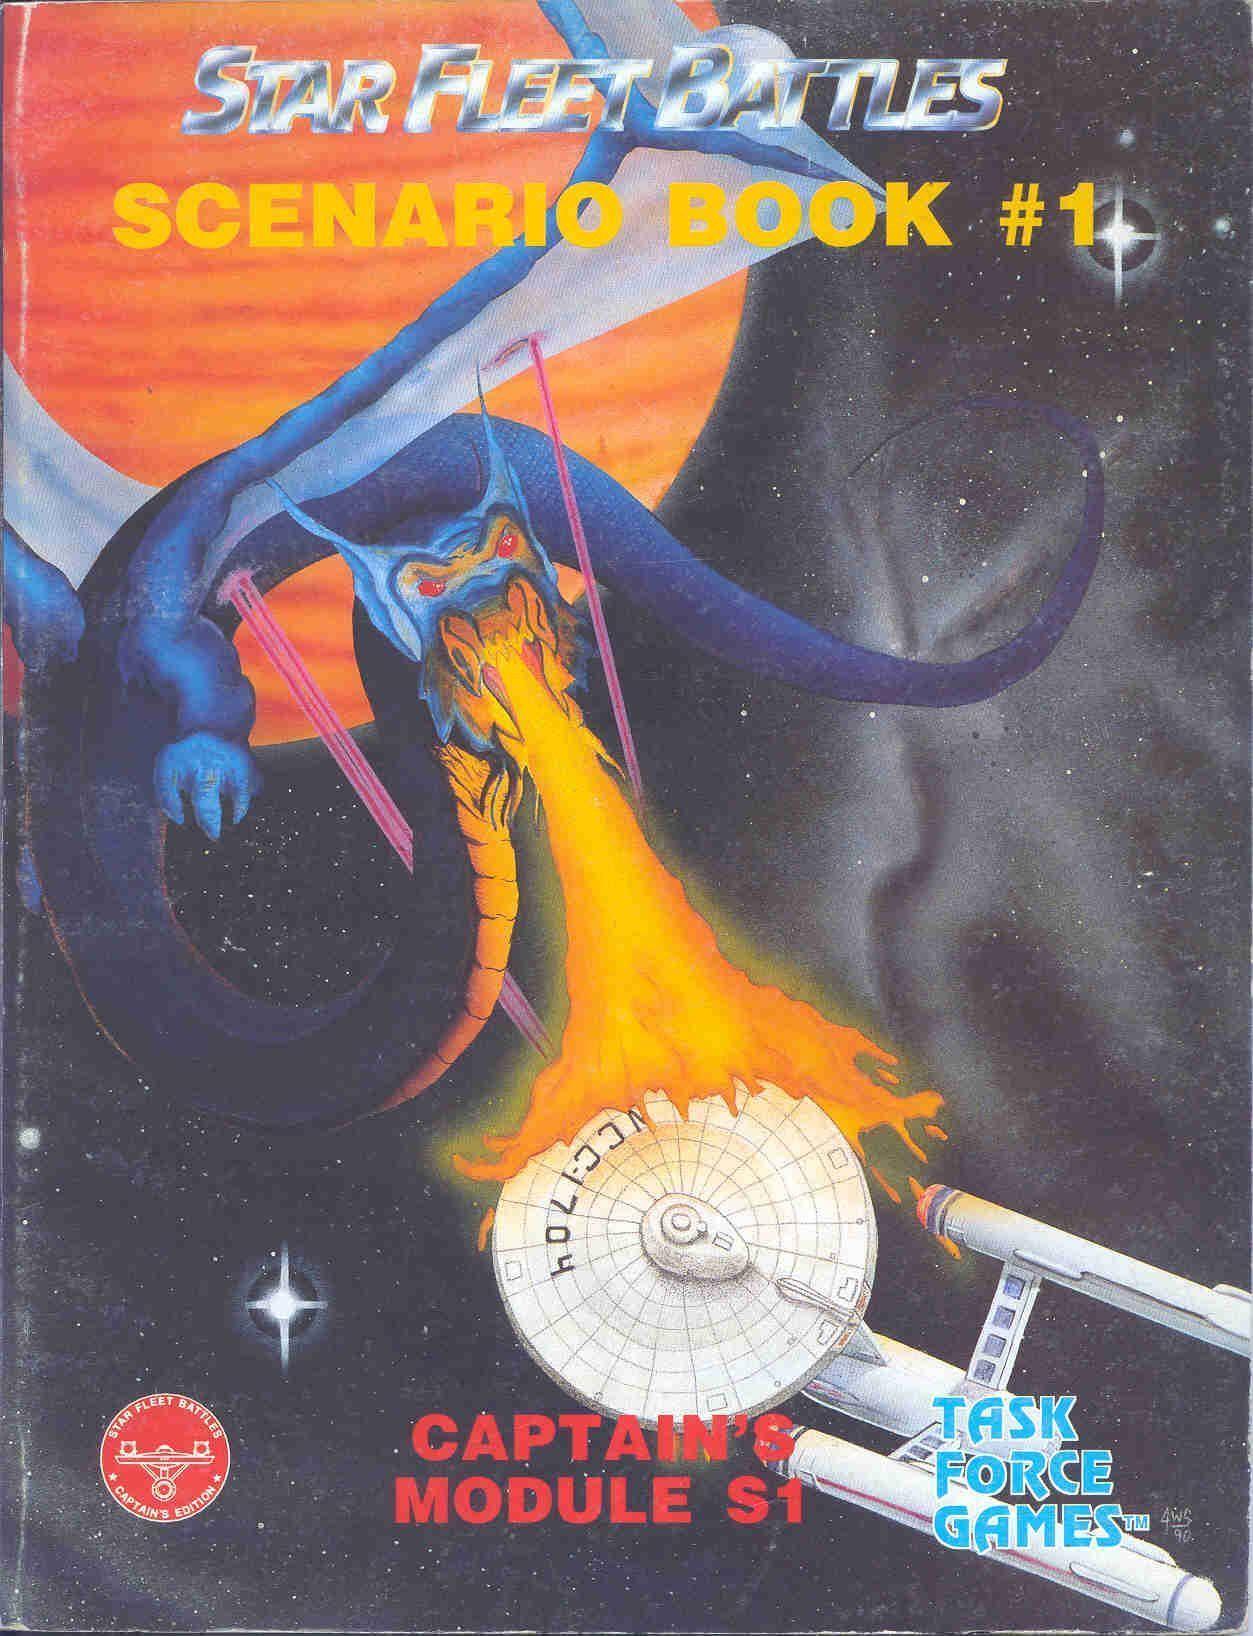 Pin On Fantasy Sci Fi